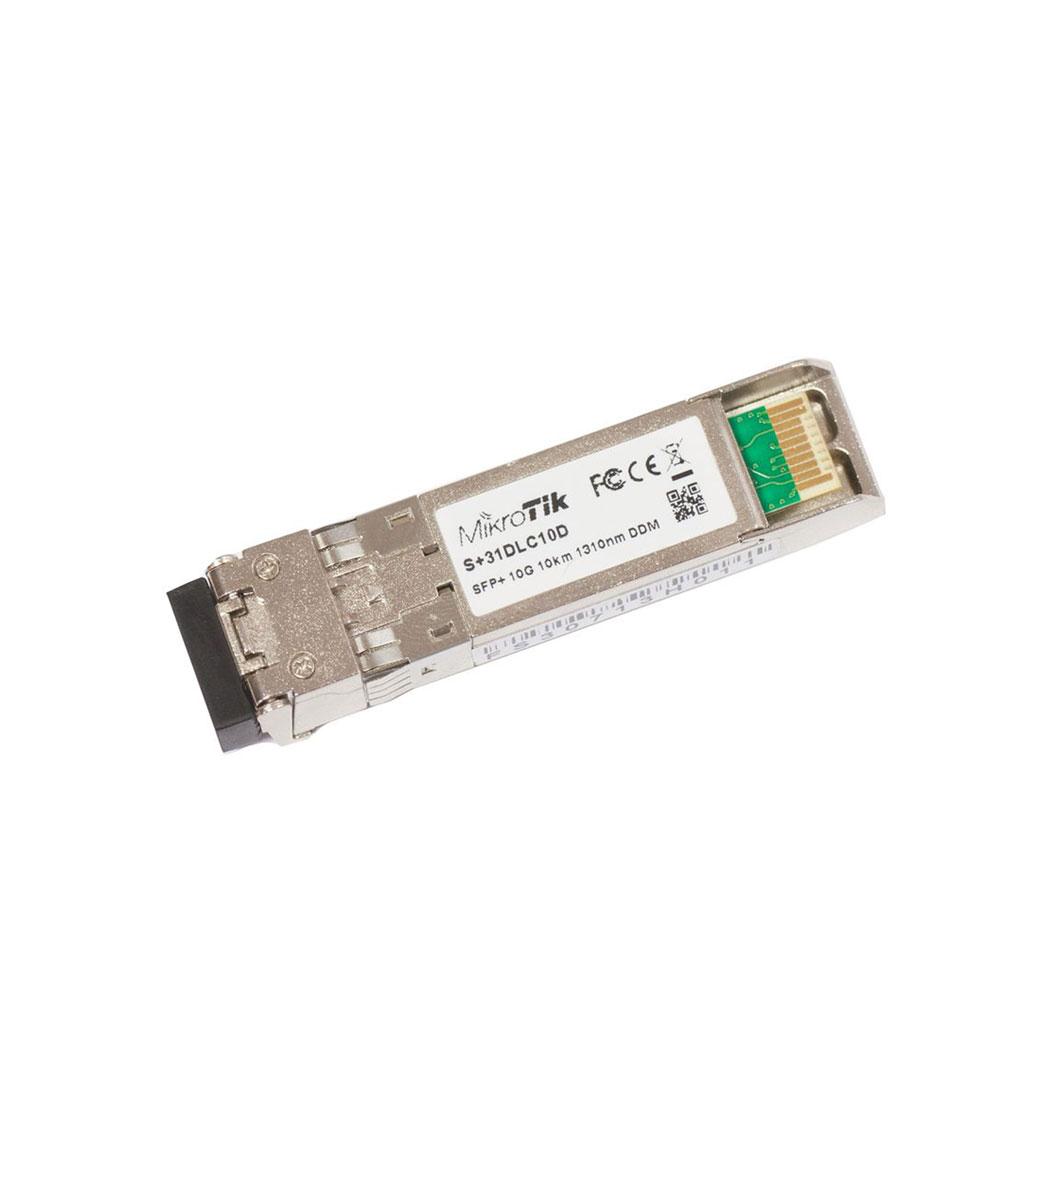 ماژول میکروتیک Mikrotik S+31DLC10D